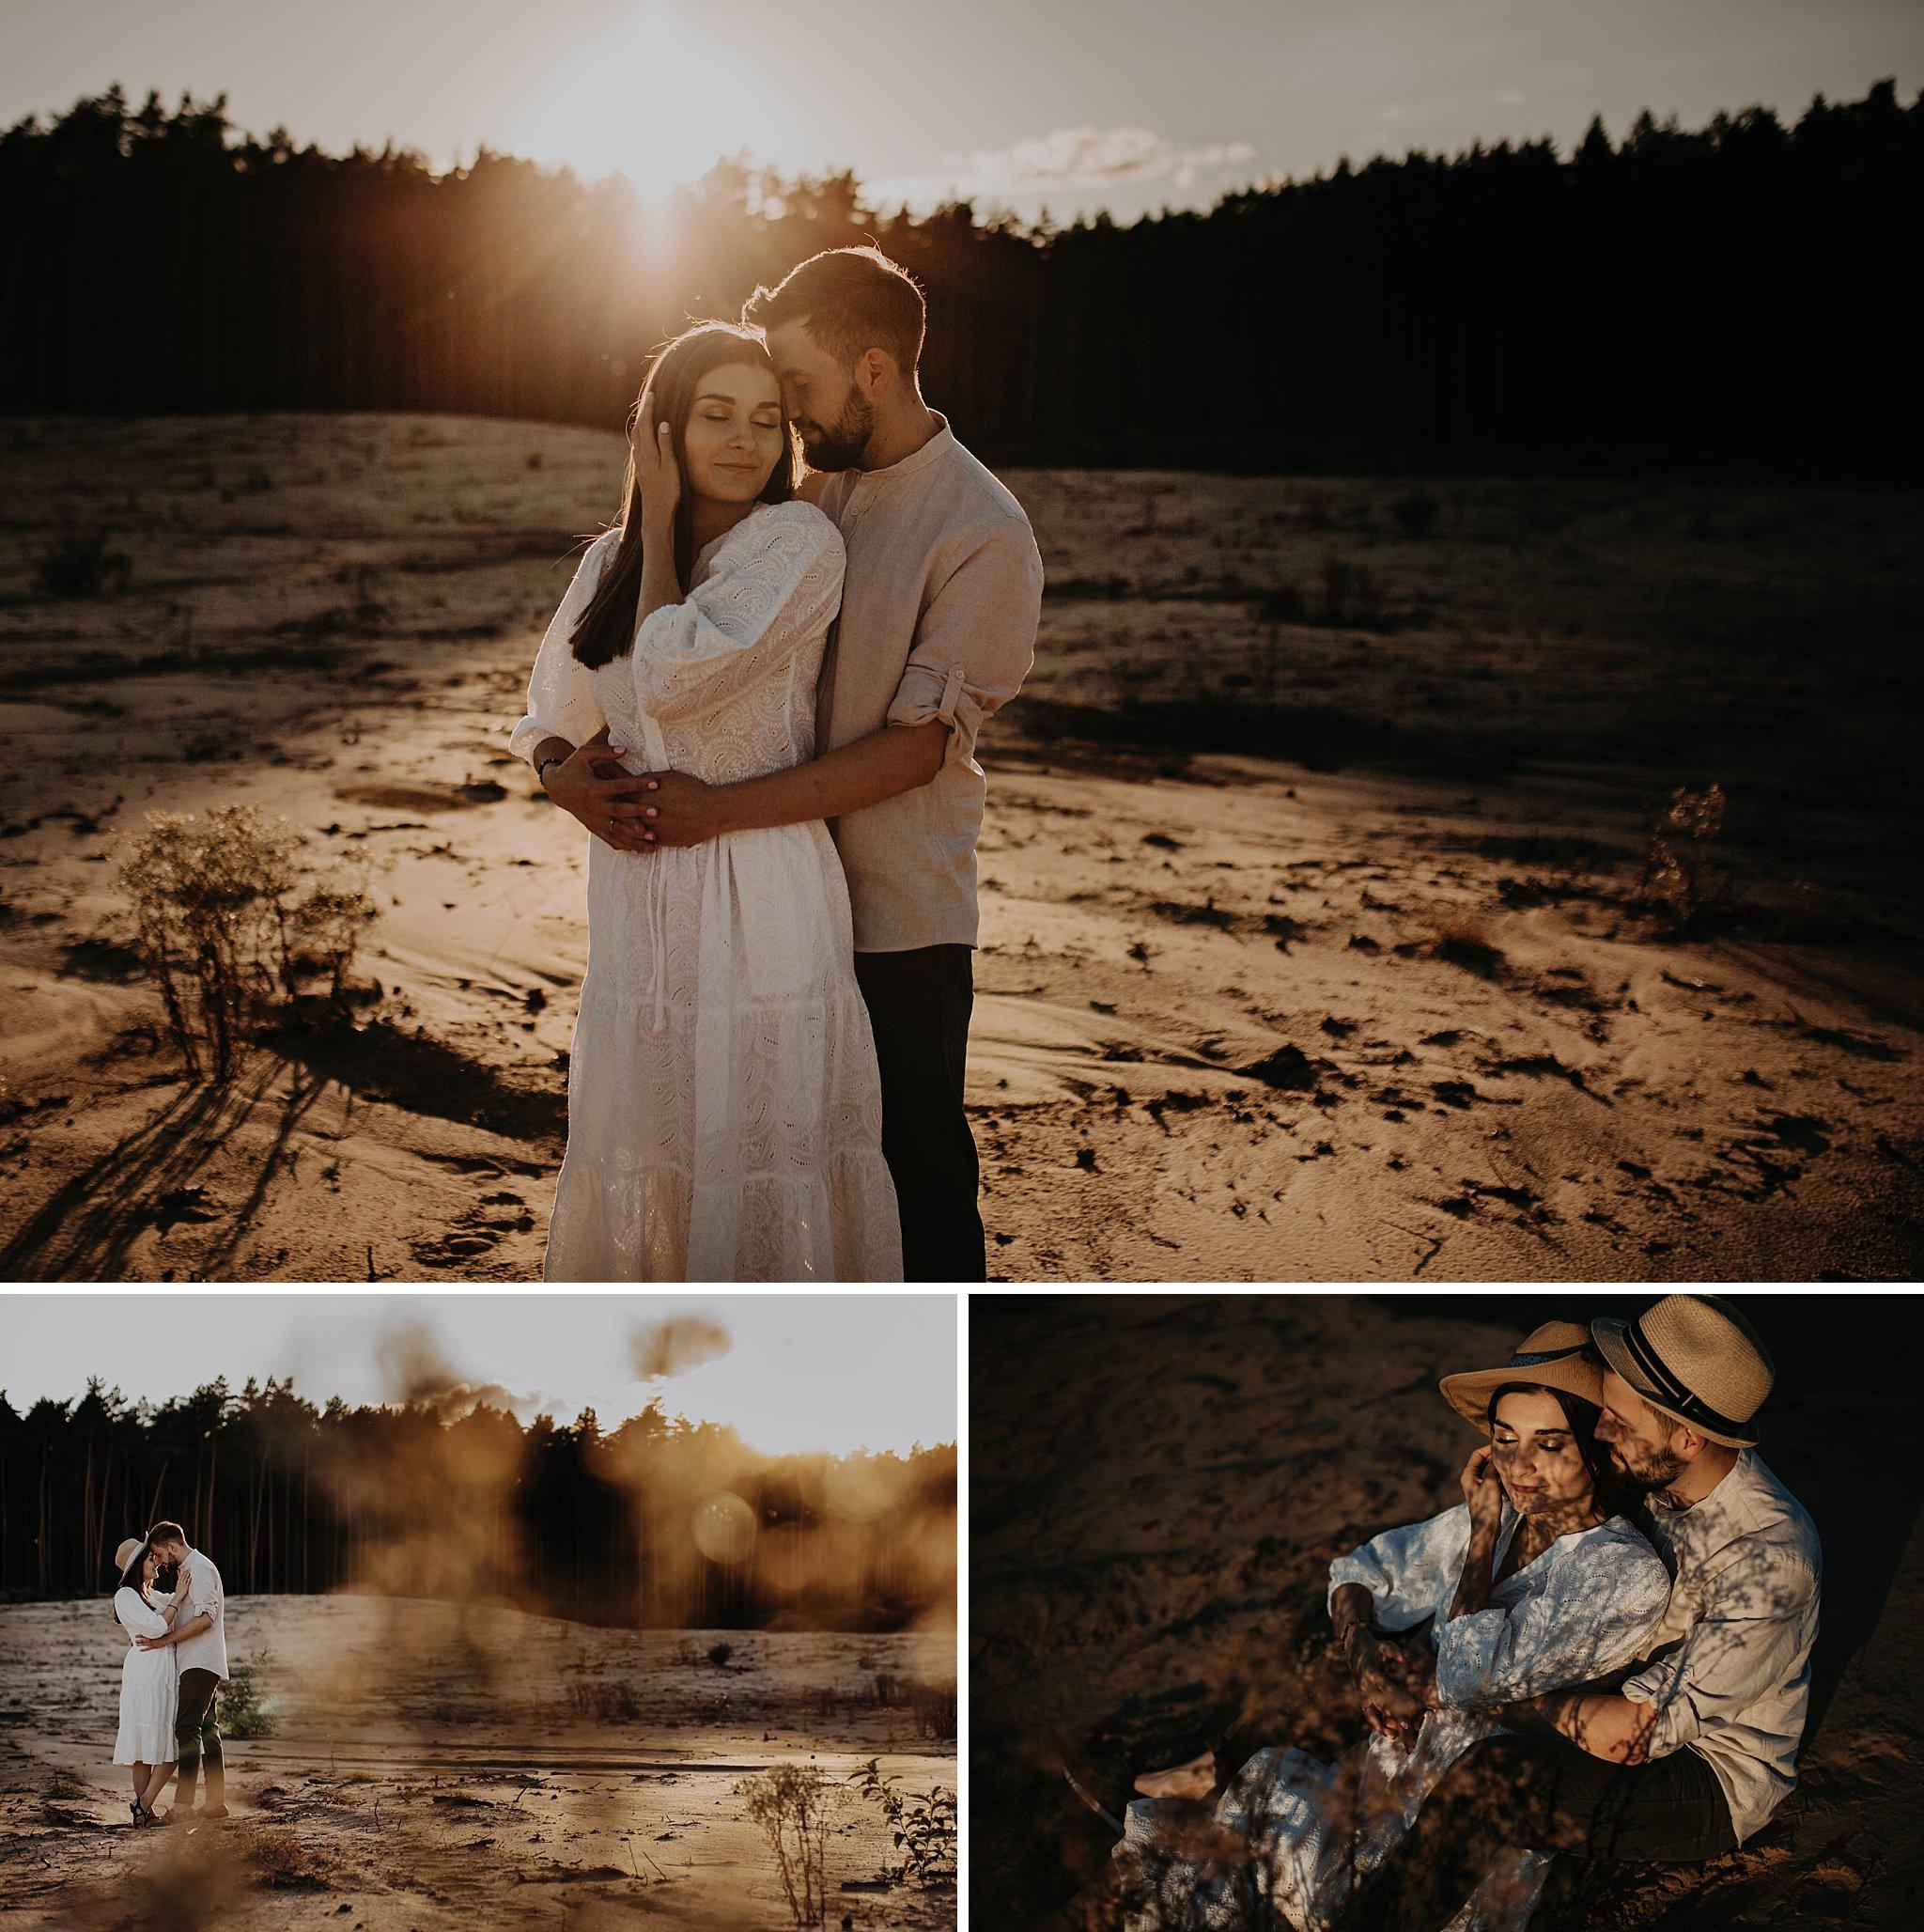 piekna sesja narzeczenska rustykalna romantyczna sesja na pustyni sesja zdjeciowa poznan krugphotography fotograf slubny z poznania fotografia slubna poznan 3900